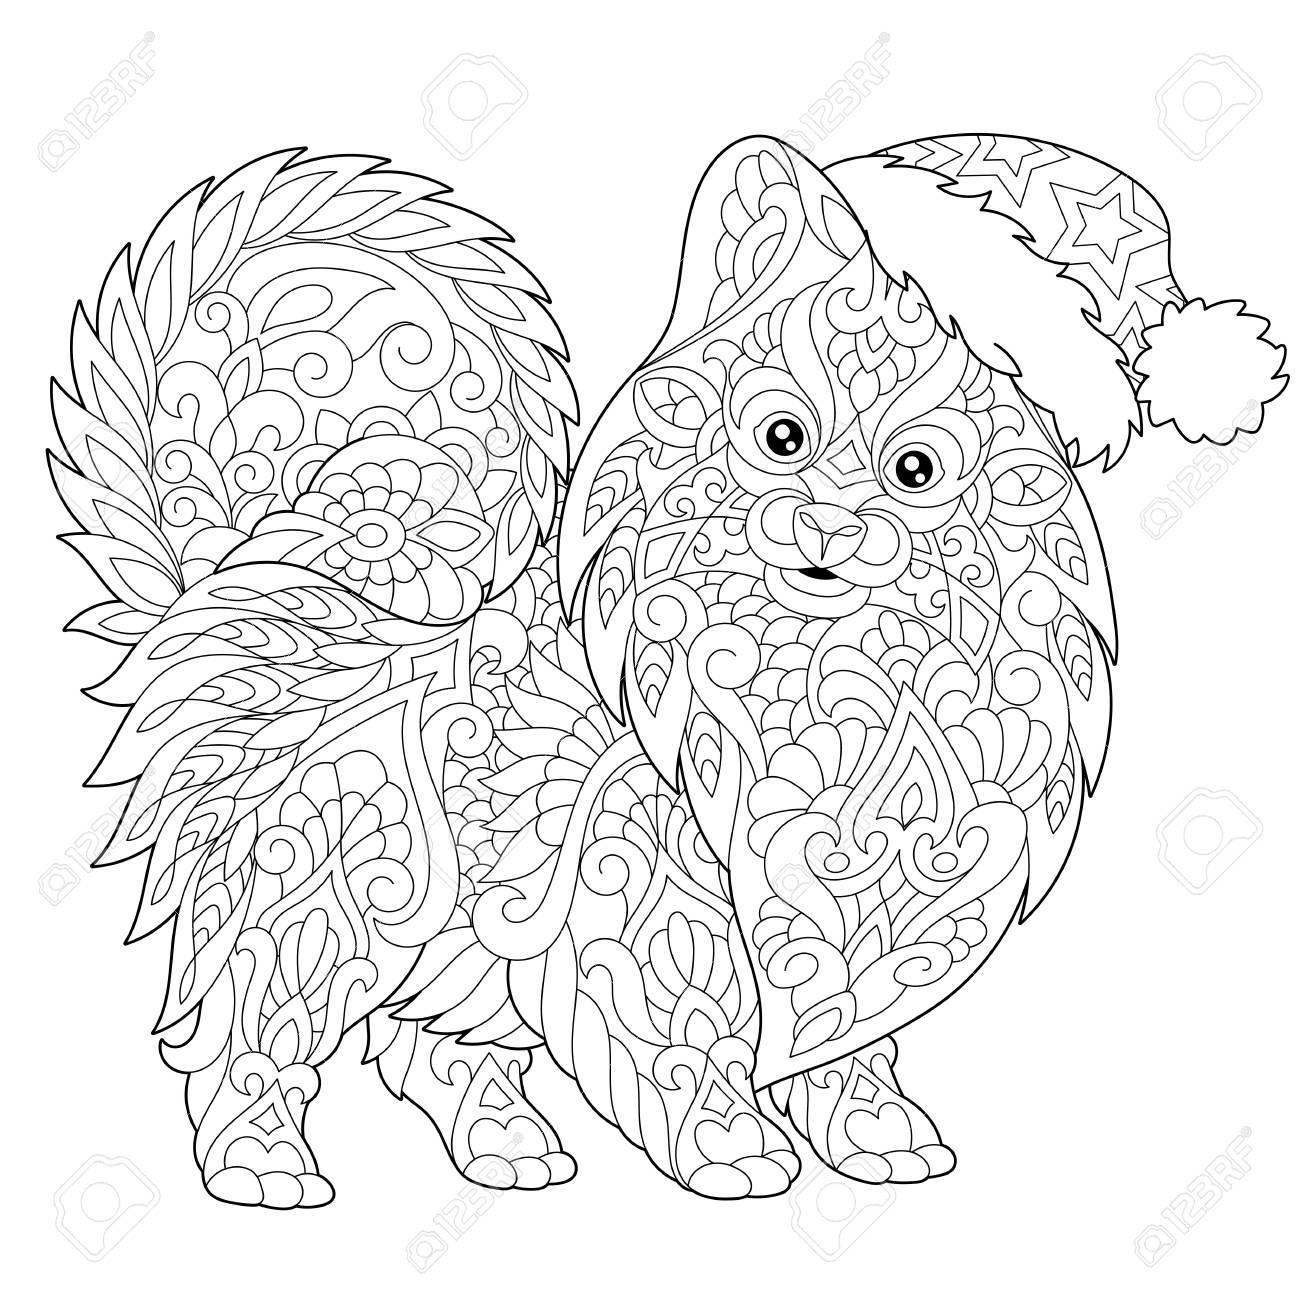 ポメラニアン犬シンボルの 2018 旧正月のページのぬりえフリーハンド スケッチ落書きと Zentangle 要素とメリー クリスマス グリーティング カードまたは大人抗ストレスのぬりえ本を描画します